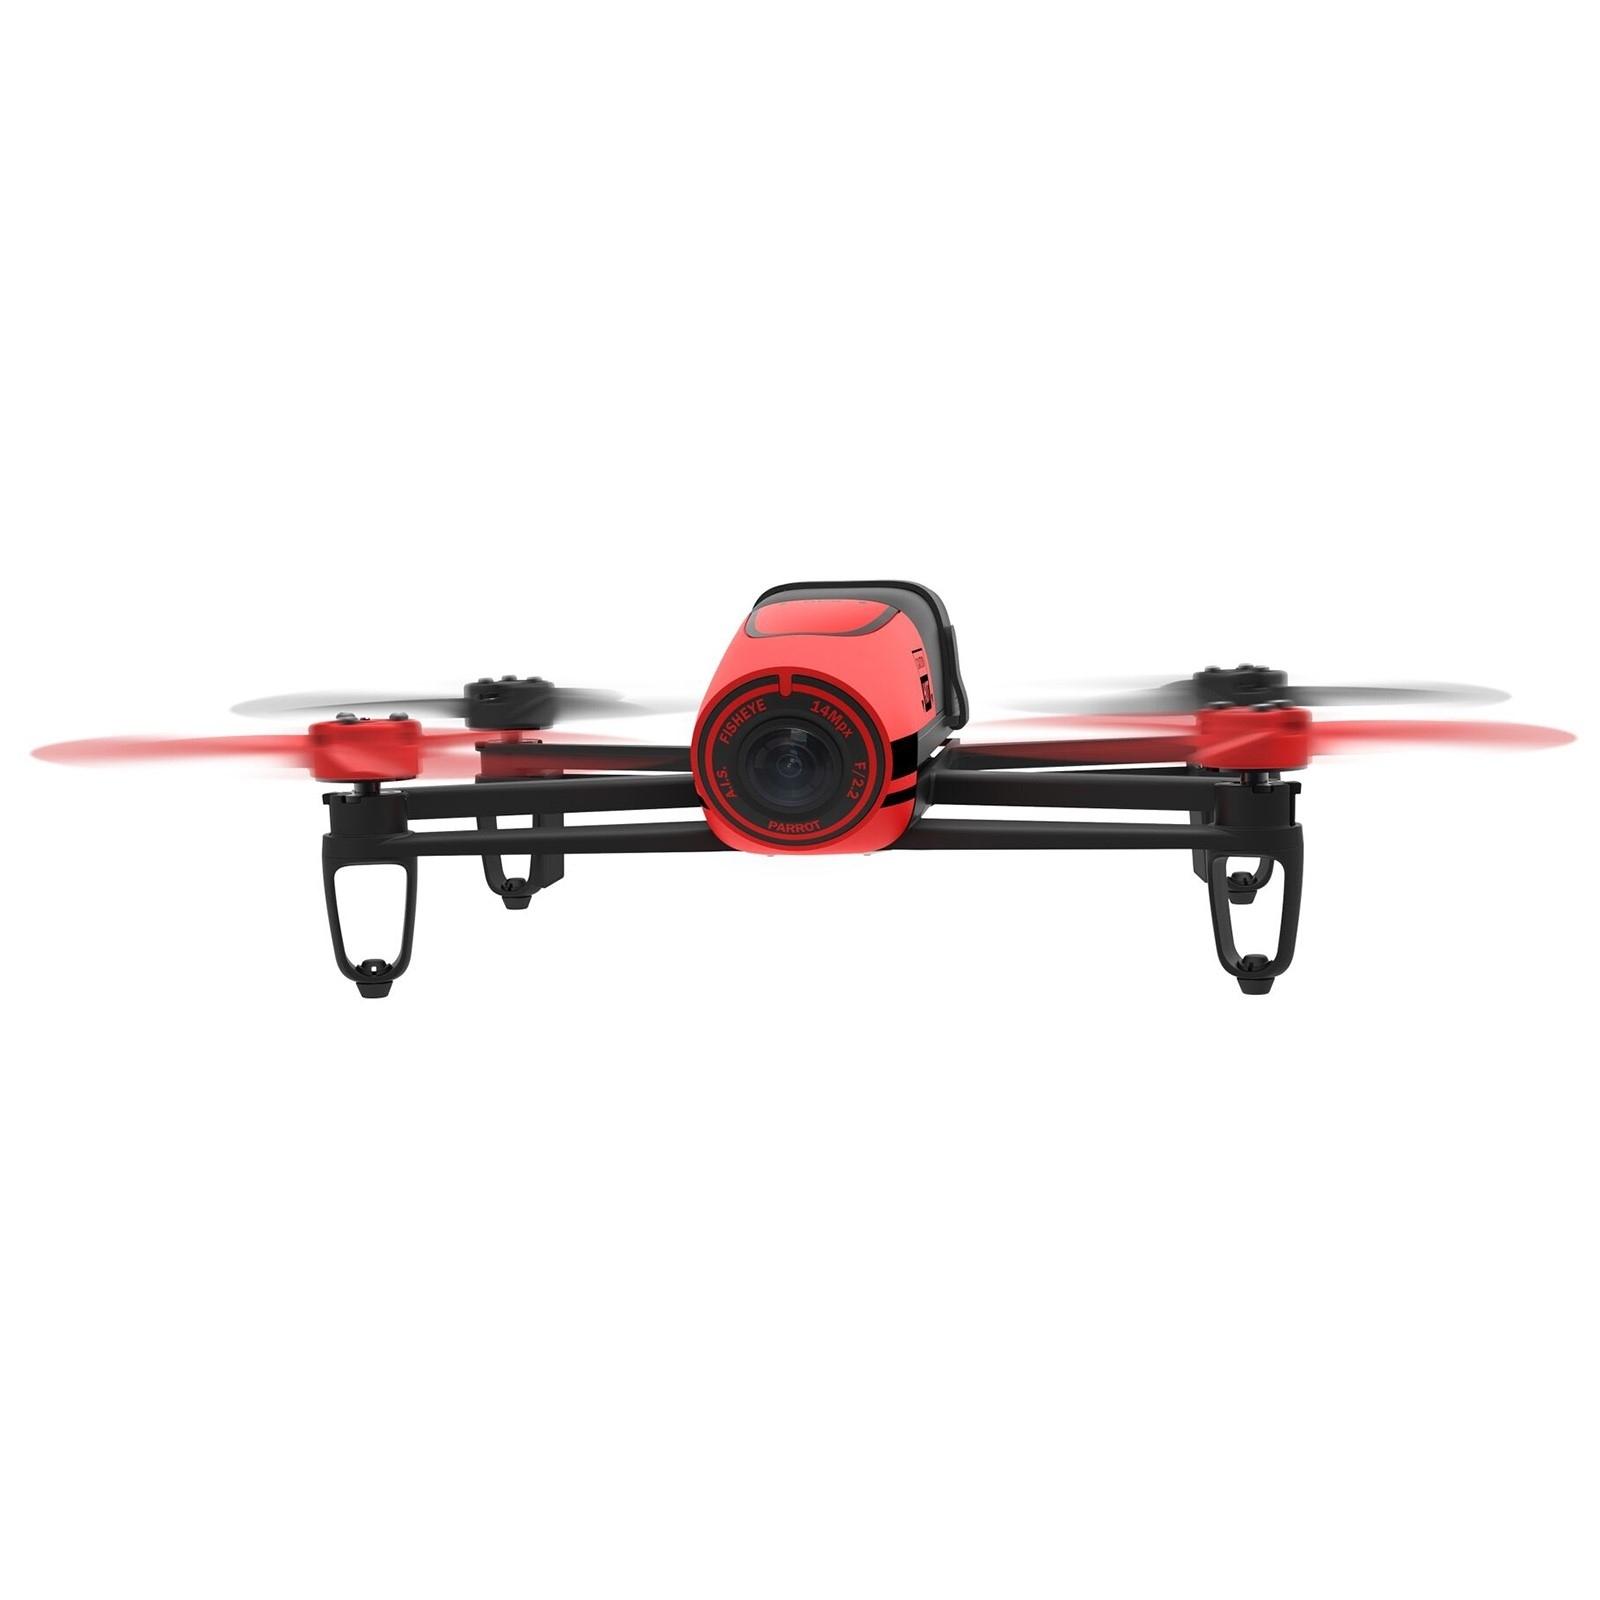 quadcopter camera drone - photo #27